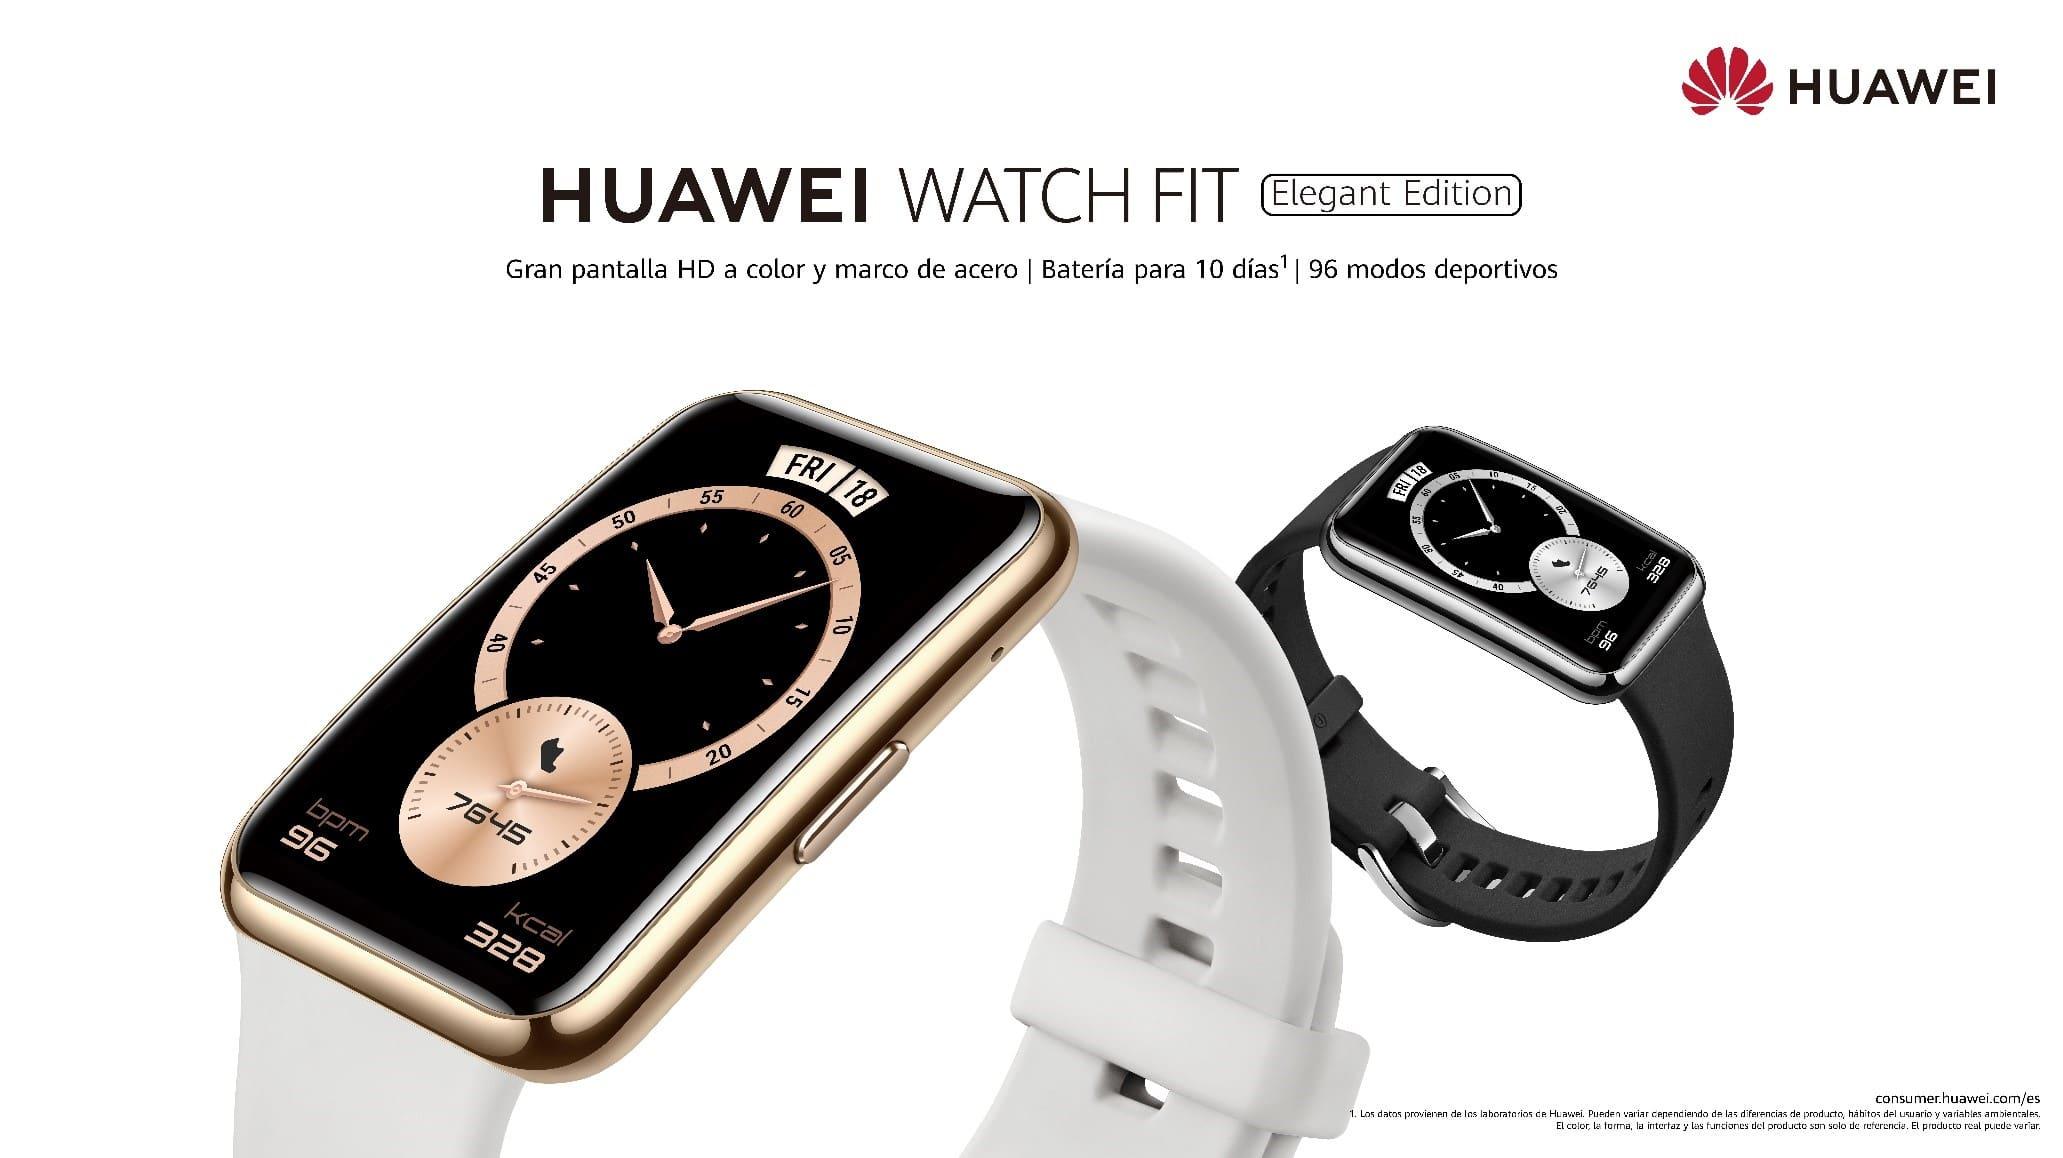 Huawei lanza HUAWEI WATCH FIT Elegant Edition